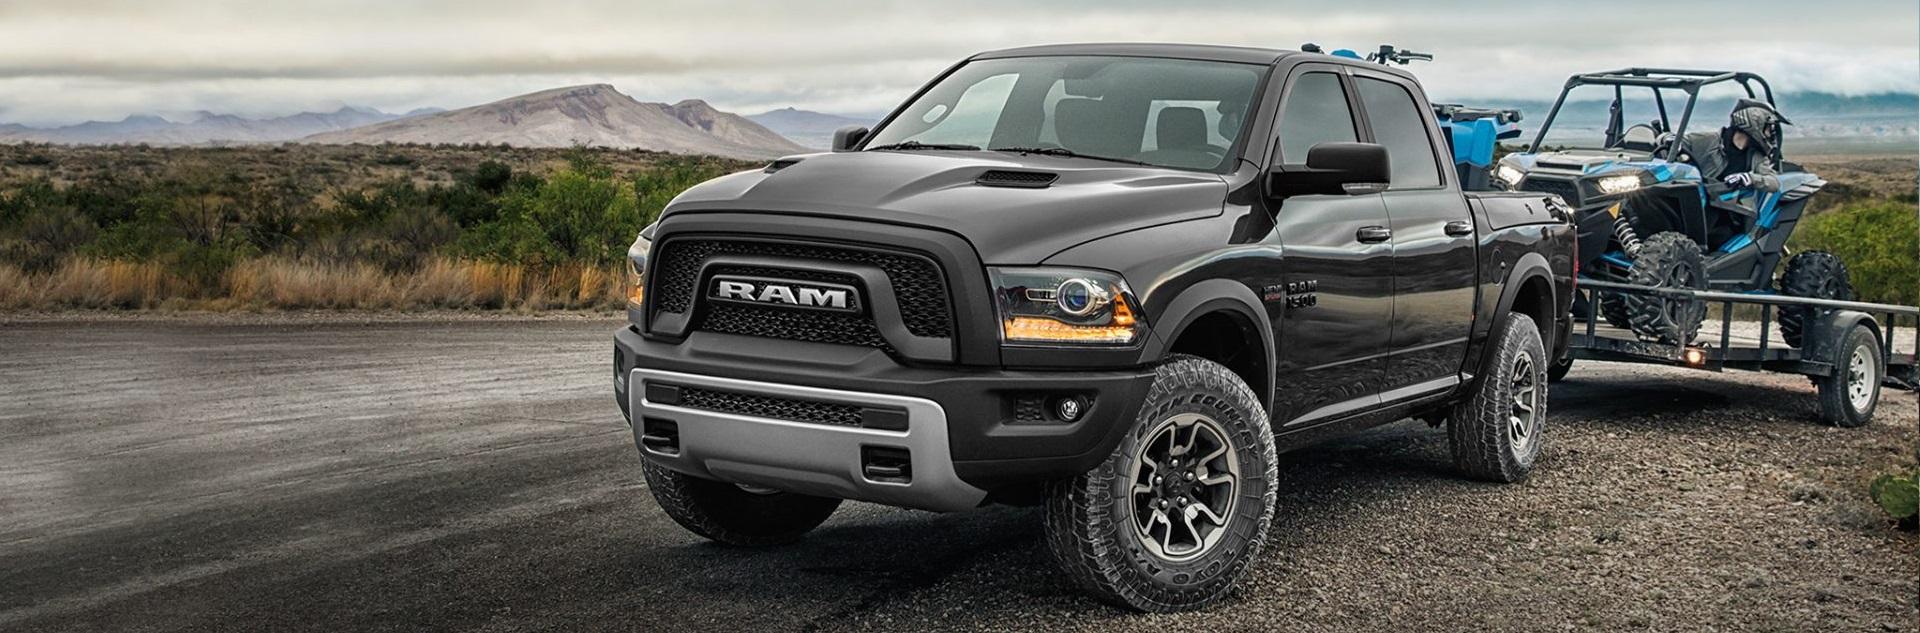 Jim Shorkey Dodge >> New 2018 RAM 1500 for Sale in Franklin, WI | Ewald CJDR